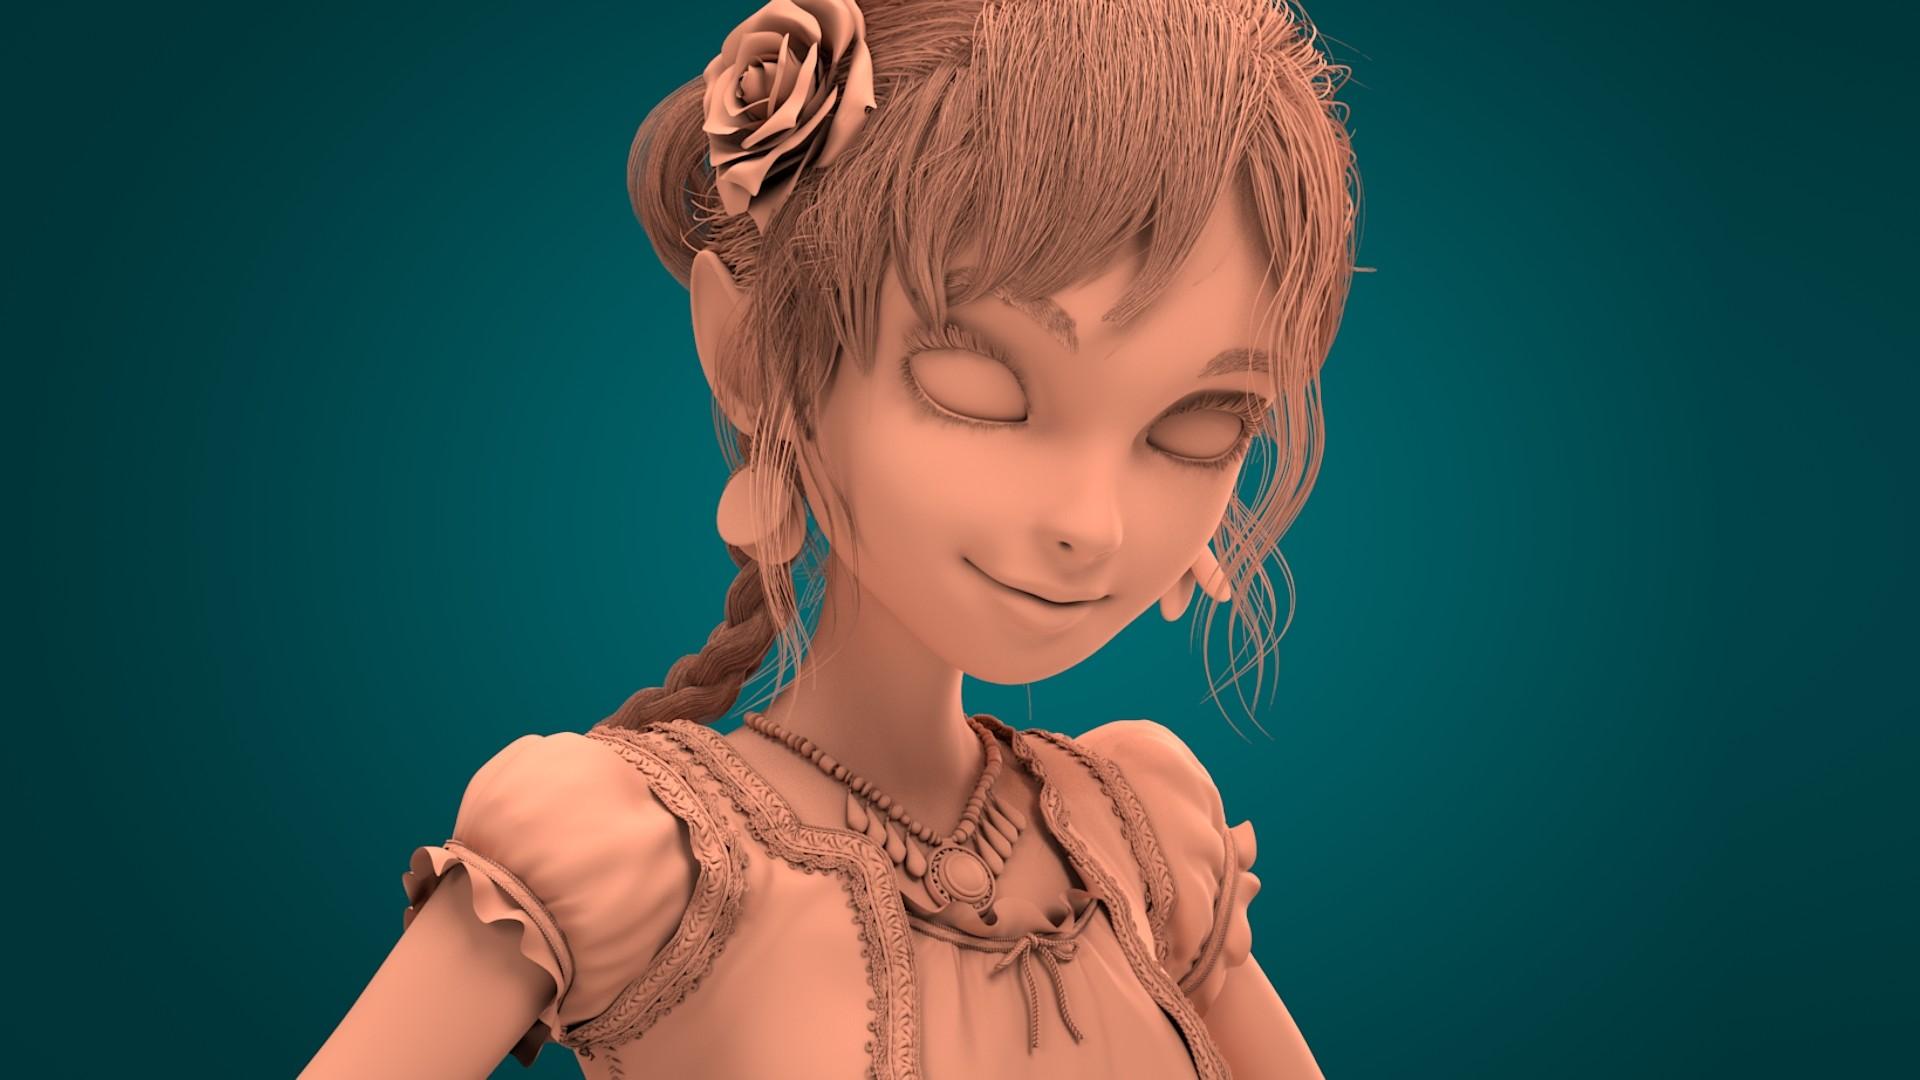 Tsubasa nakai model